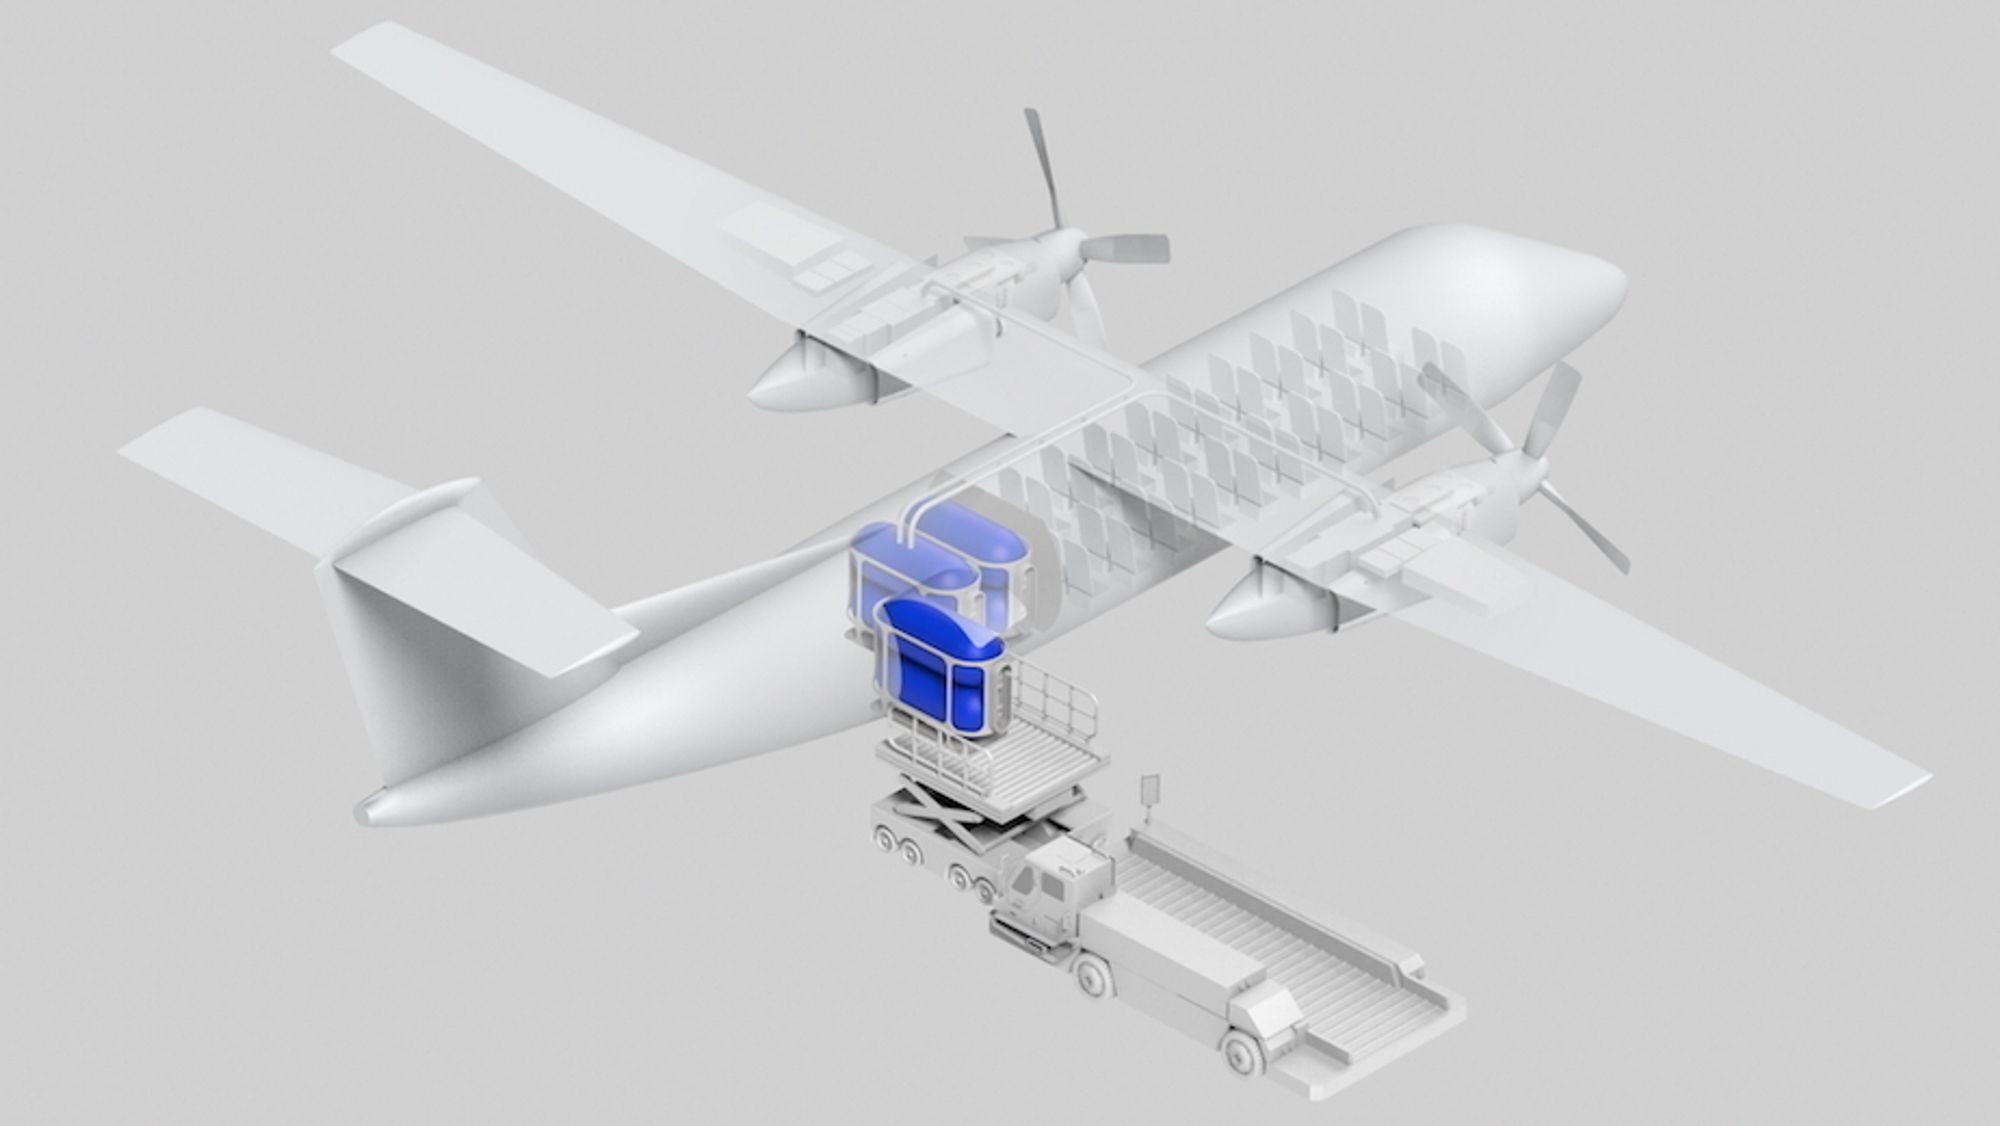 Den ombygde modellen vil imidlertid ha 40 seter, som er 16 færre enn originalversjonen. En brenselcelle brukes til å konvertere hydrogengassen til elektrisitet, og hver vinge får en av Magnixs elektriske motorer, hver med en kapasitet på 2 MW.